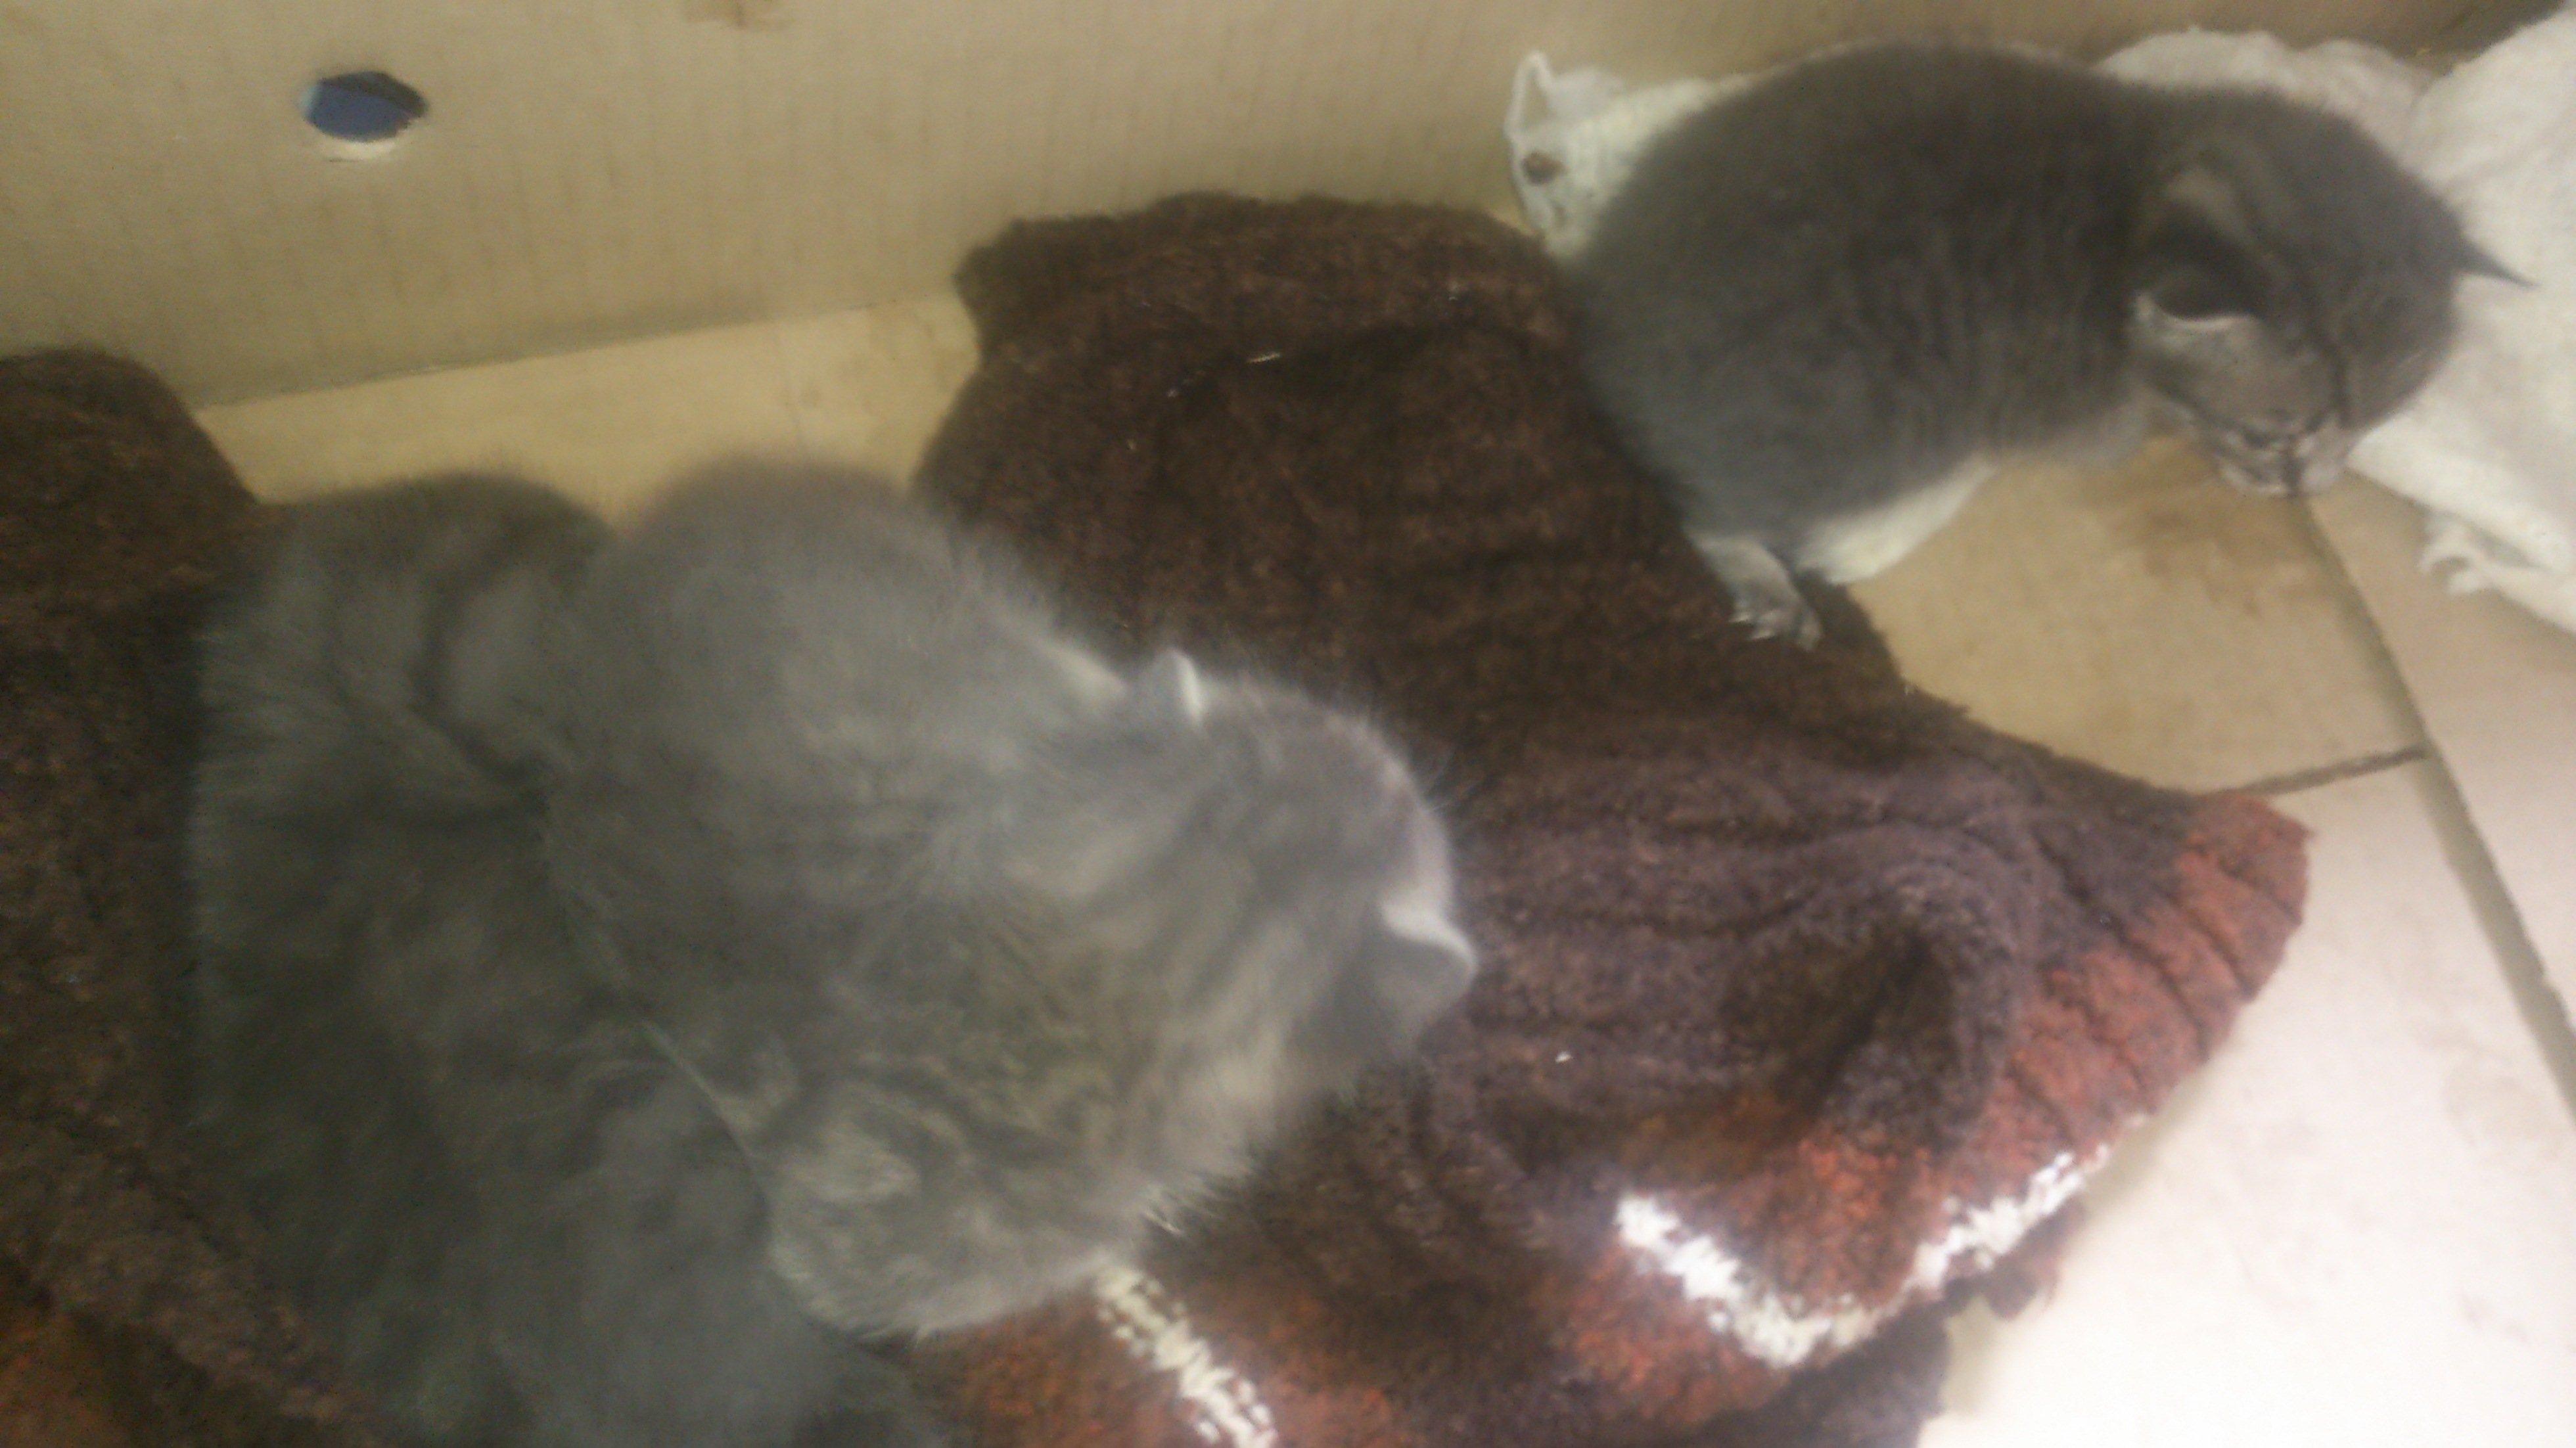 Отдам двух котят, тому кто проживает в ближнем подмосковье на востоке. Котята очень маленькие, едят с пипетки, но вс ... - Изображение 3